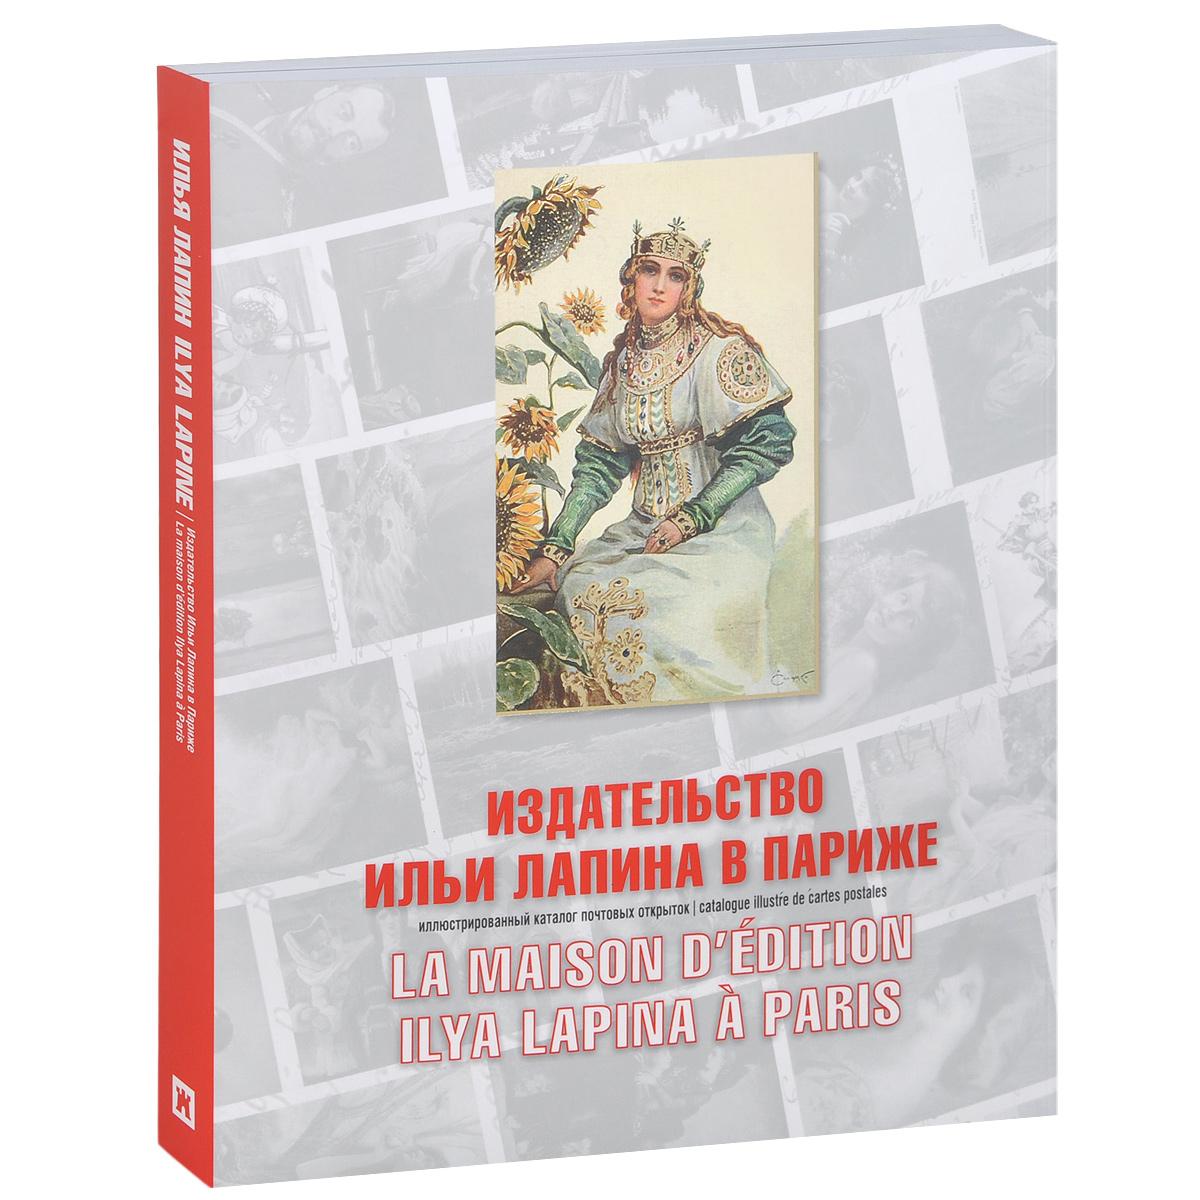 Издательства открыток и их каталоги 95